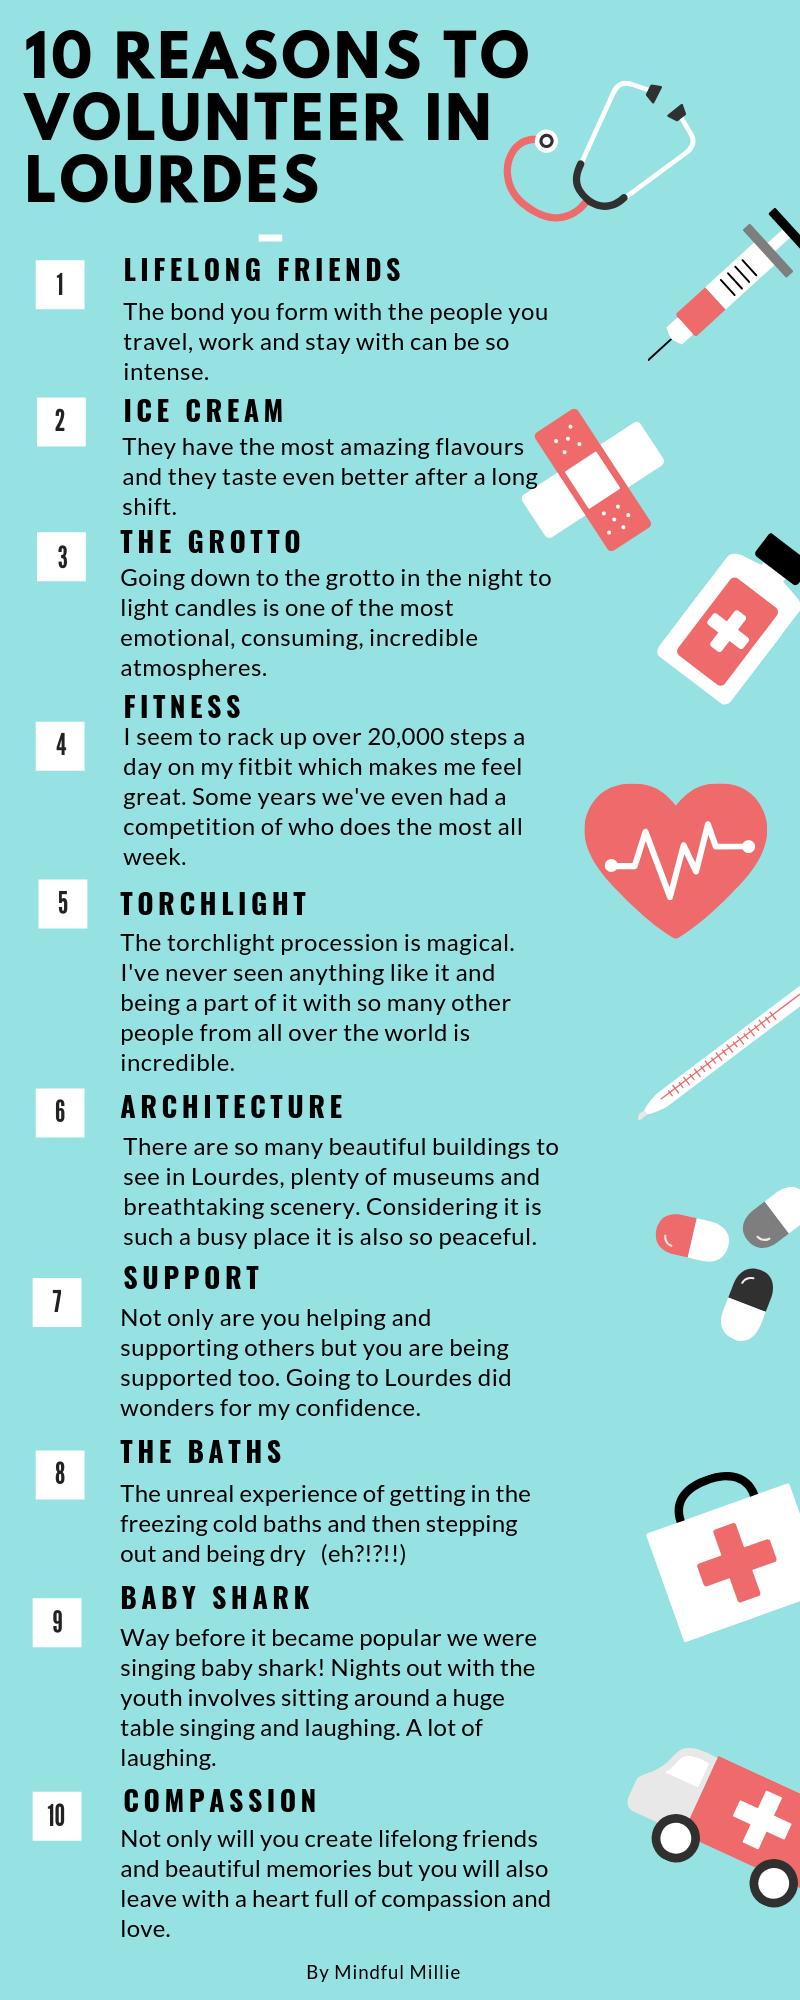 25 reasons to volunteer in lourdes (1)